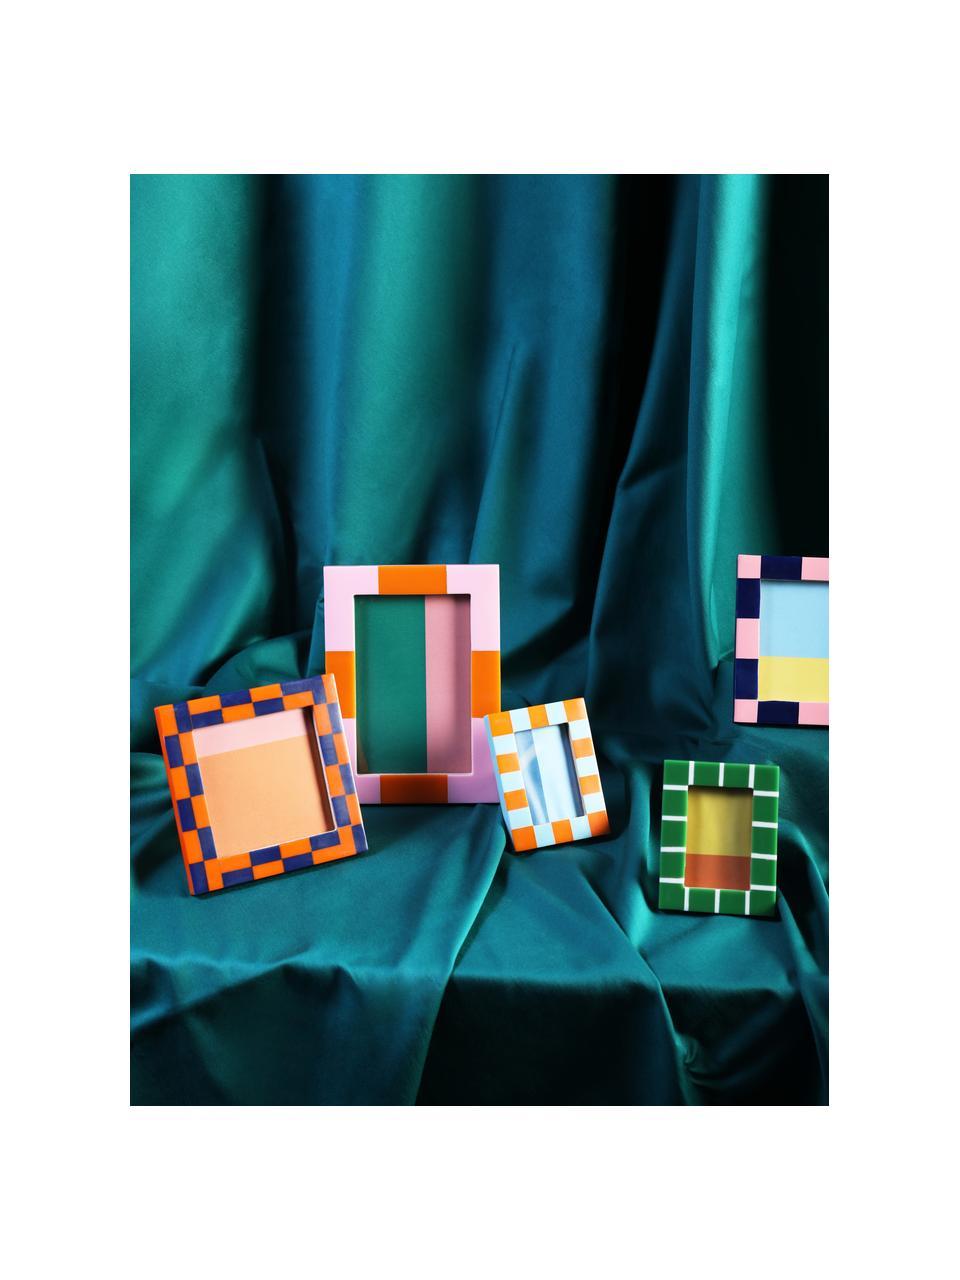 Bilderrahmen Check, Polyresin, Mitteldichte Holzfaserplatte (MDF), Blau, Rosa, 13 x 13 cm